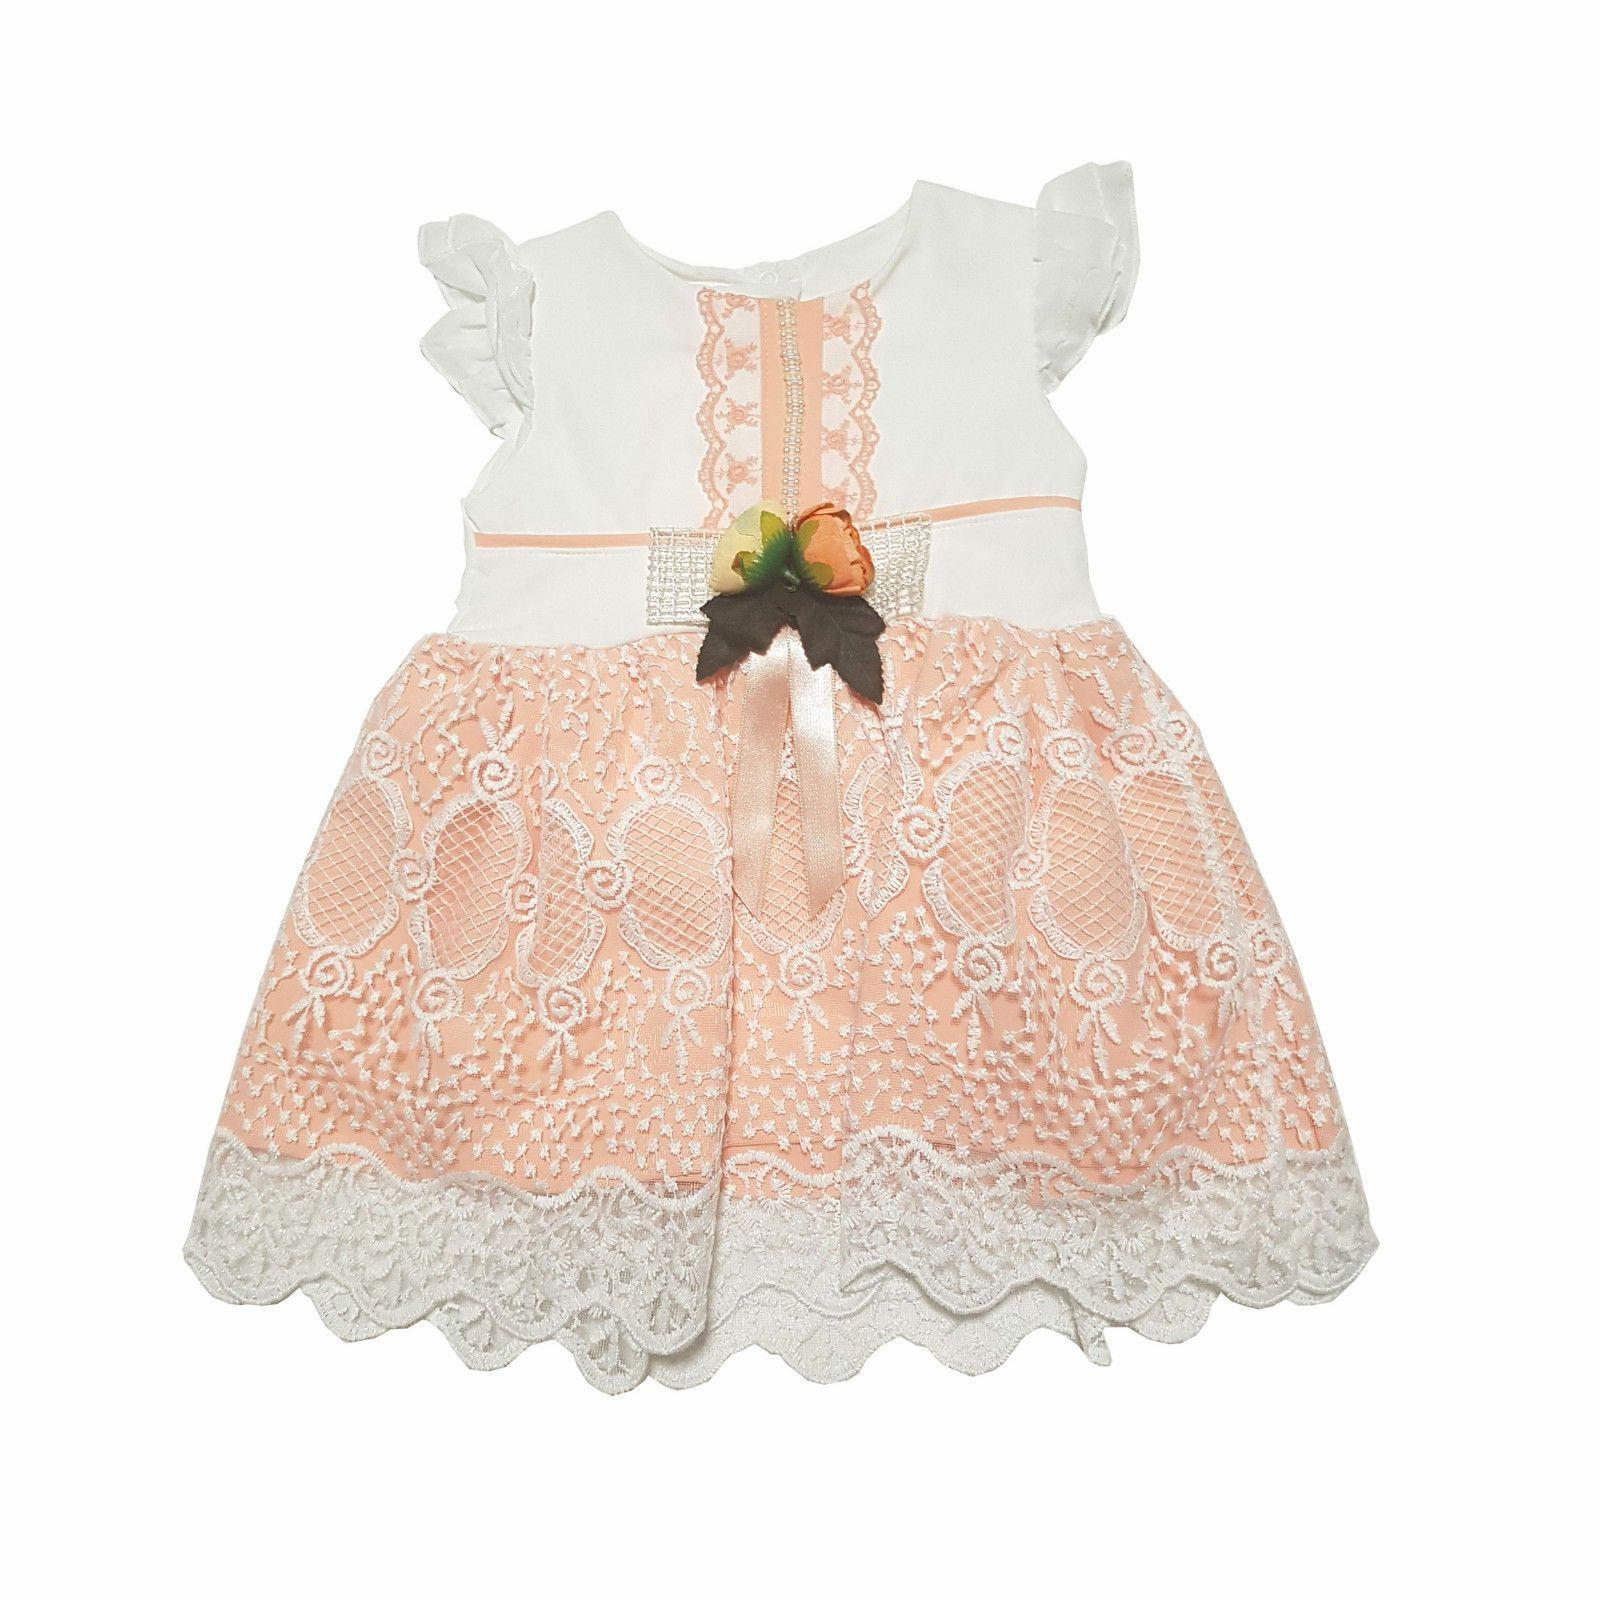 Details Zu Baby Festkleid Mädchen Hochzeit  Blumenmädchen